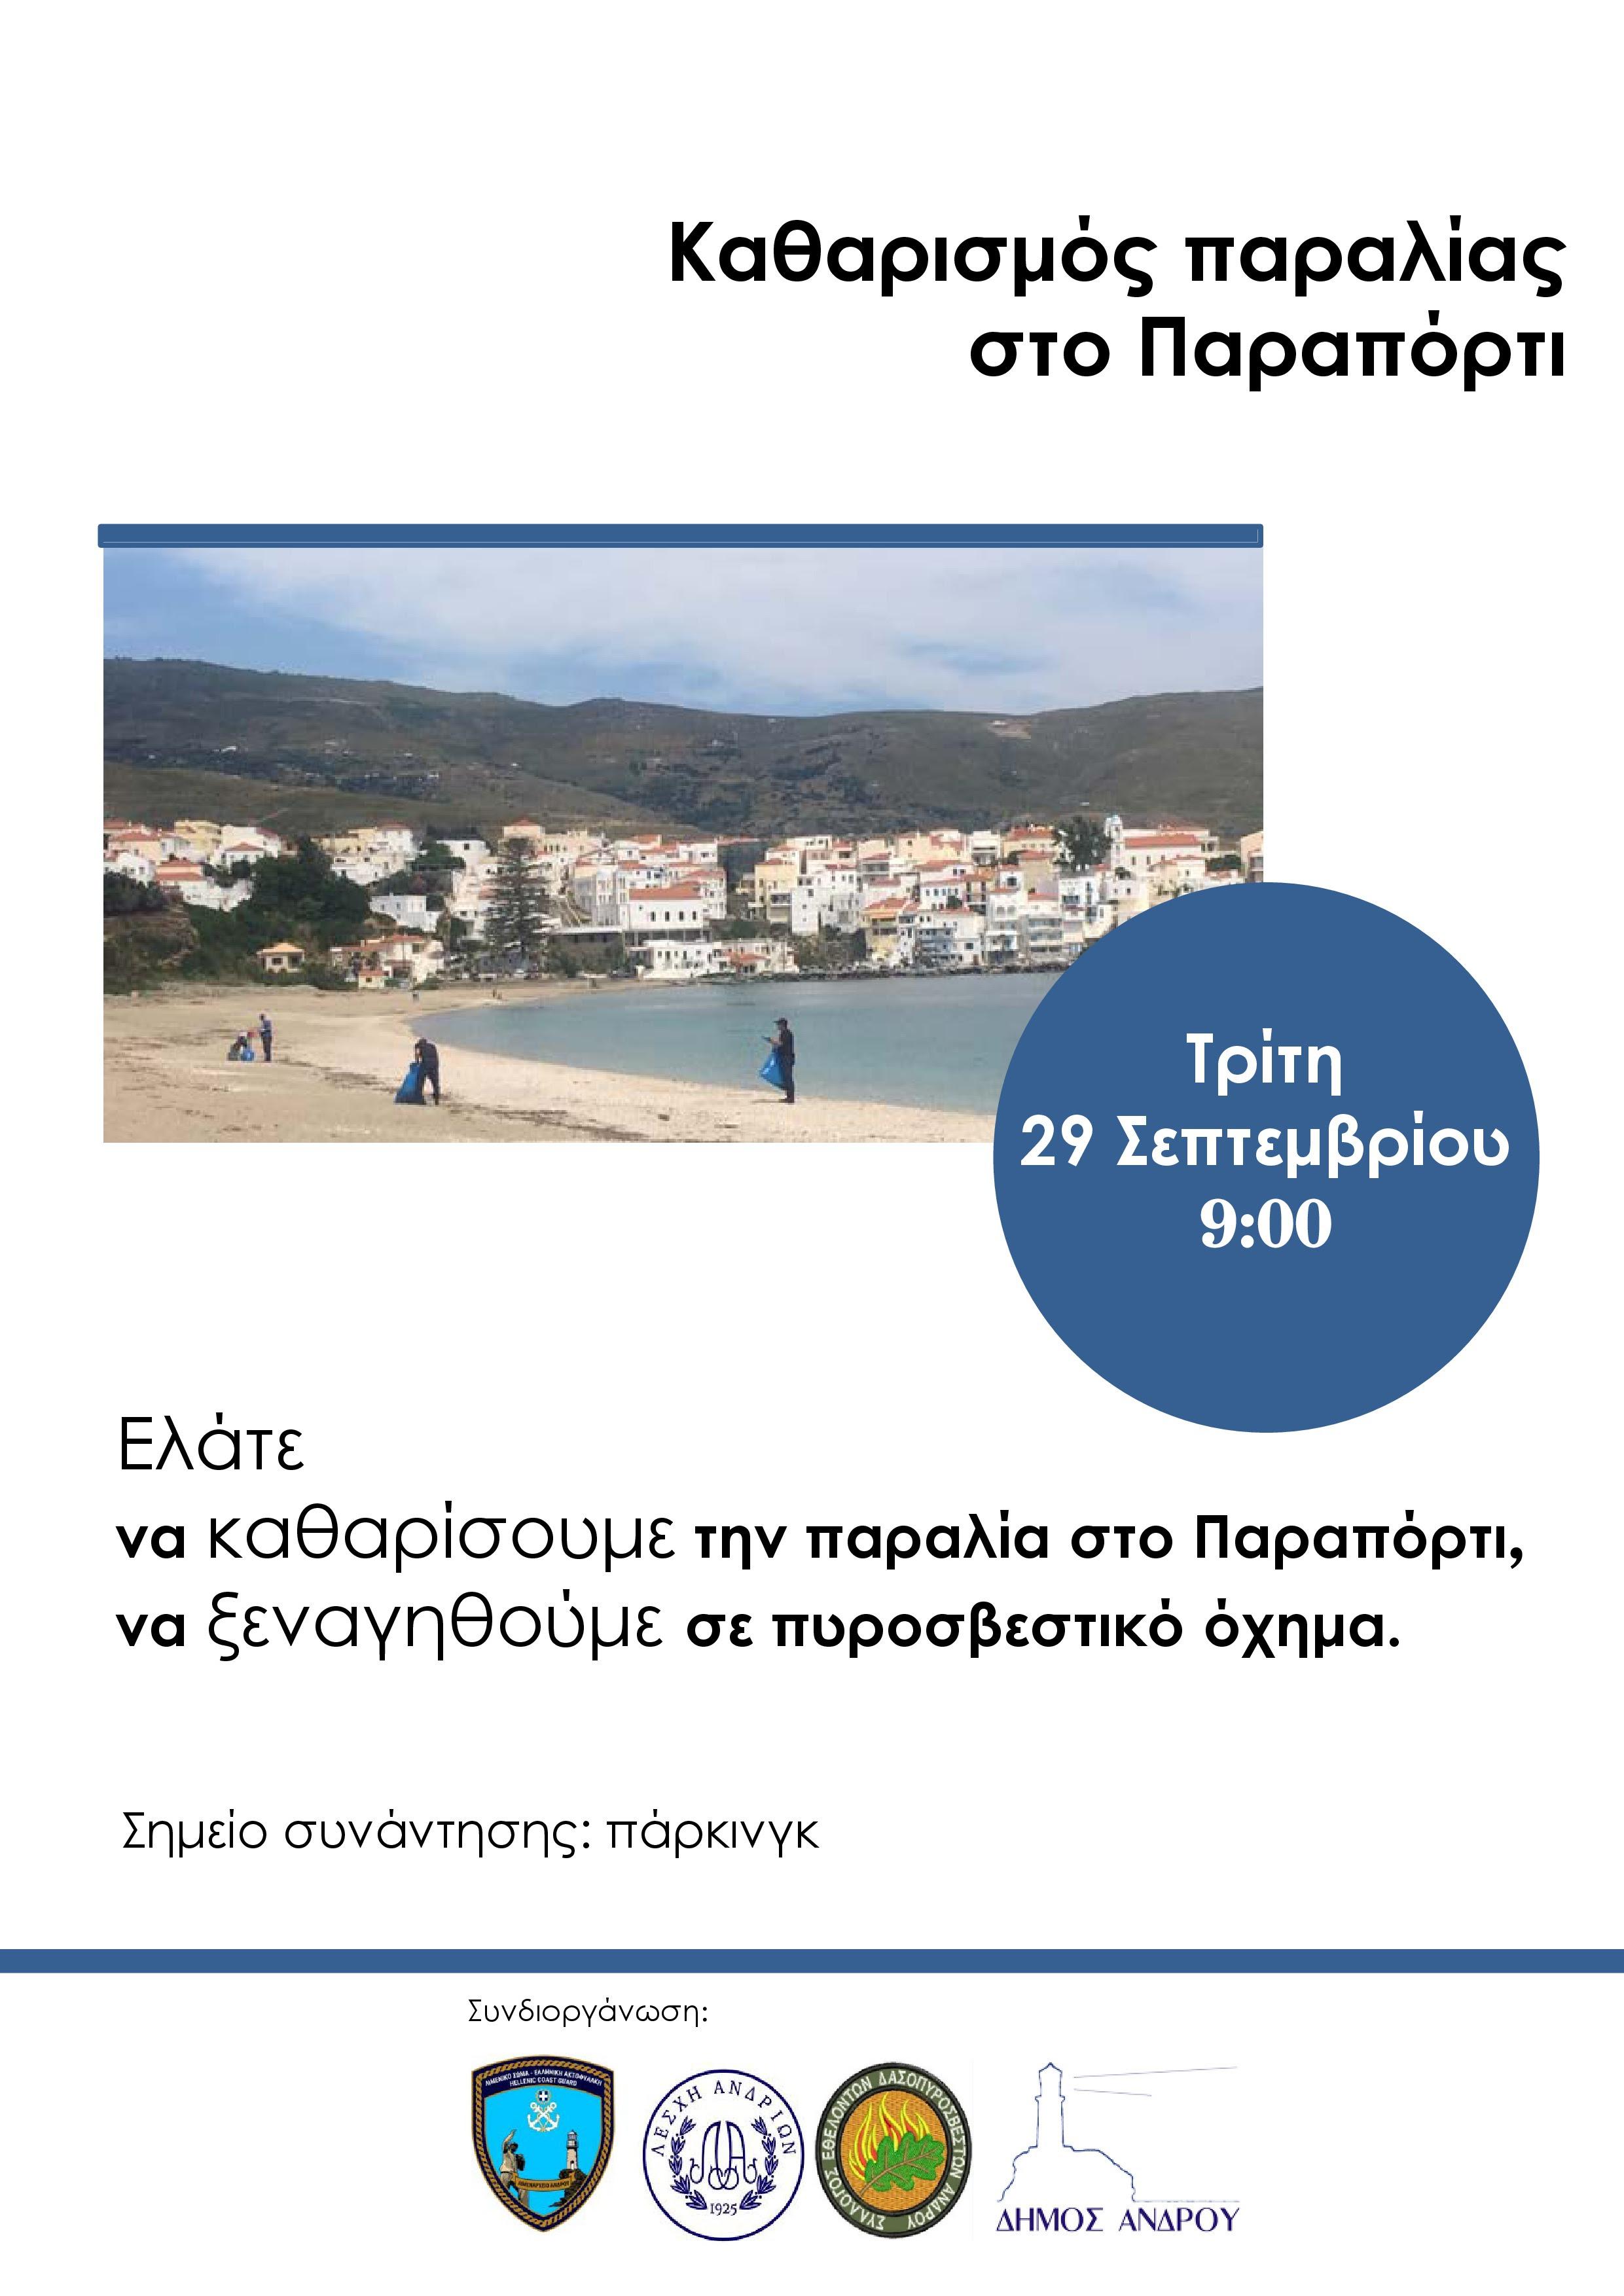 Με τη συμμετοχή της Λέσχης Ανδρίων ο καθαρισμός της παραλίας Παραπορτίου